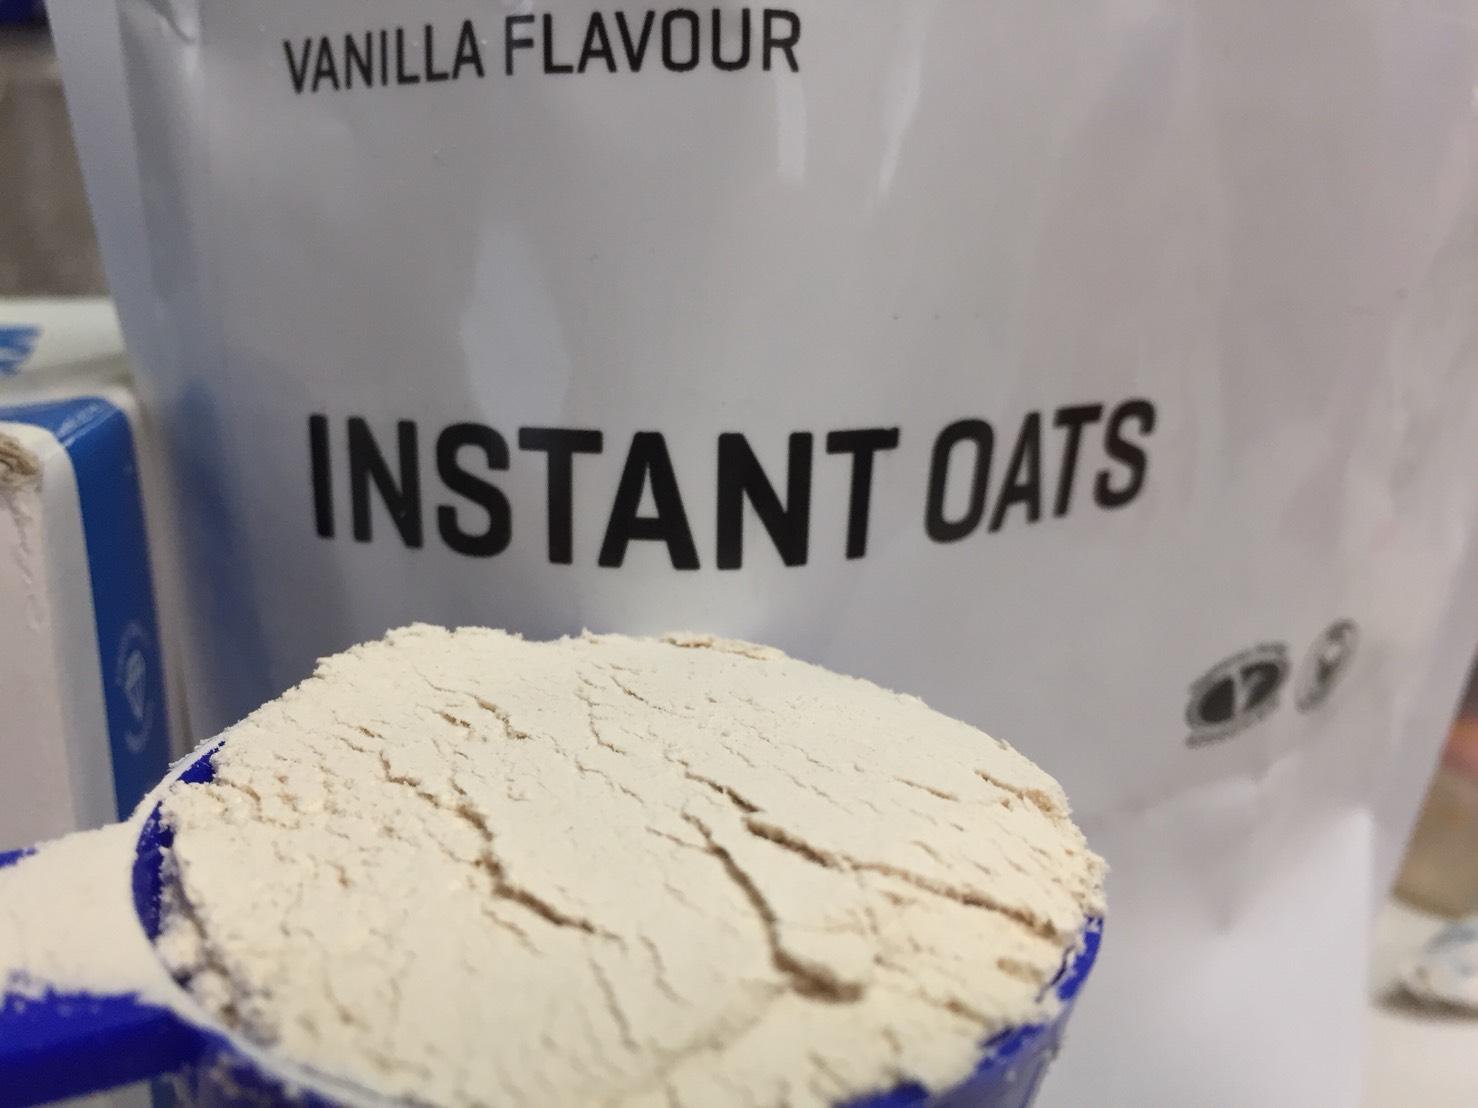 インスタントオーツバニラ味の粉末の様子